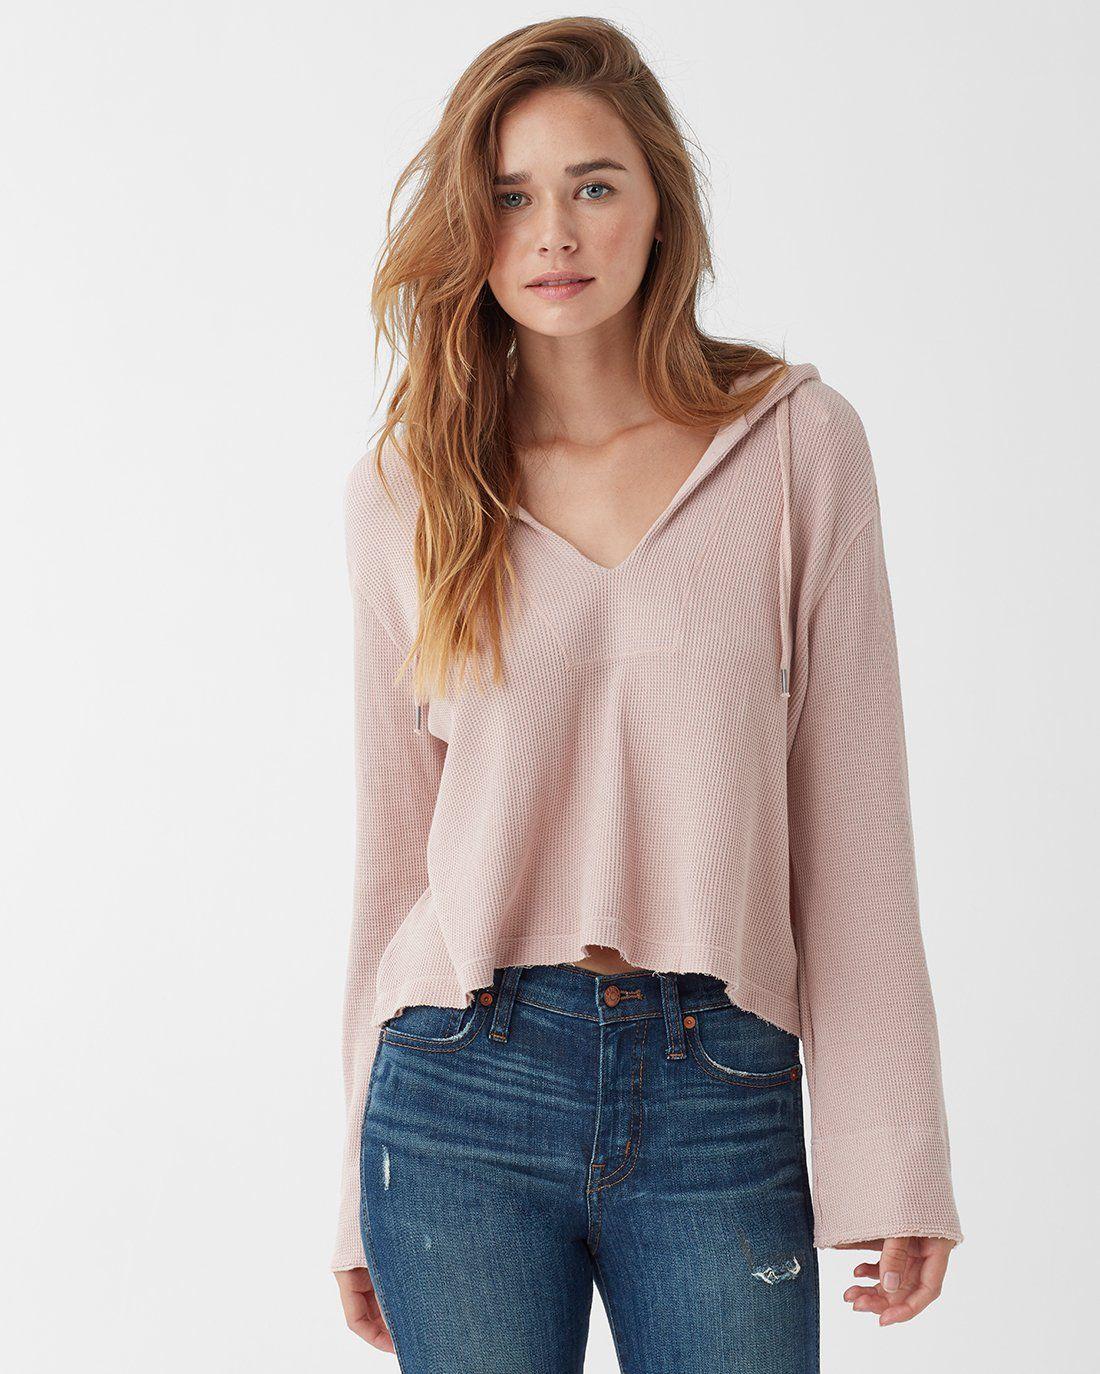 Best Sweaters For Women 2020 Vintage Thermal Hoodie   Best Sellers   Women | SPRING 2020 in